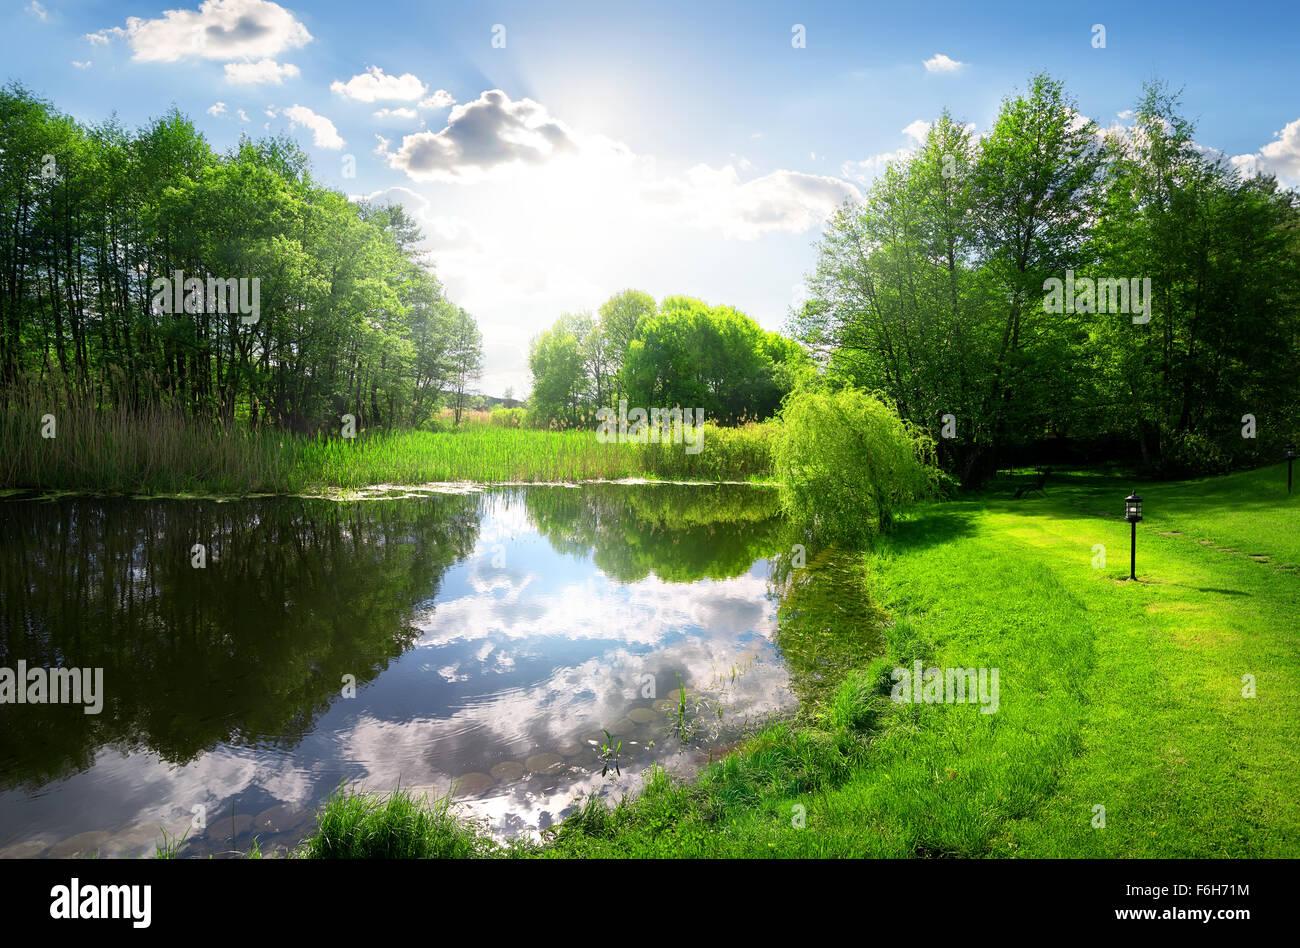 Green Park, près de rivière calme sous la lumière du soleil Photo Stock